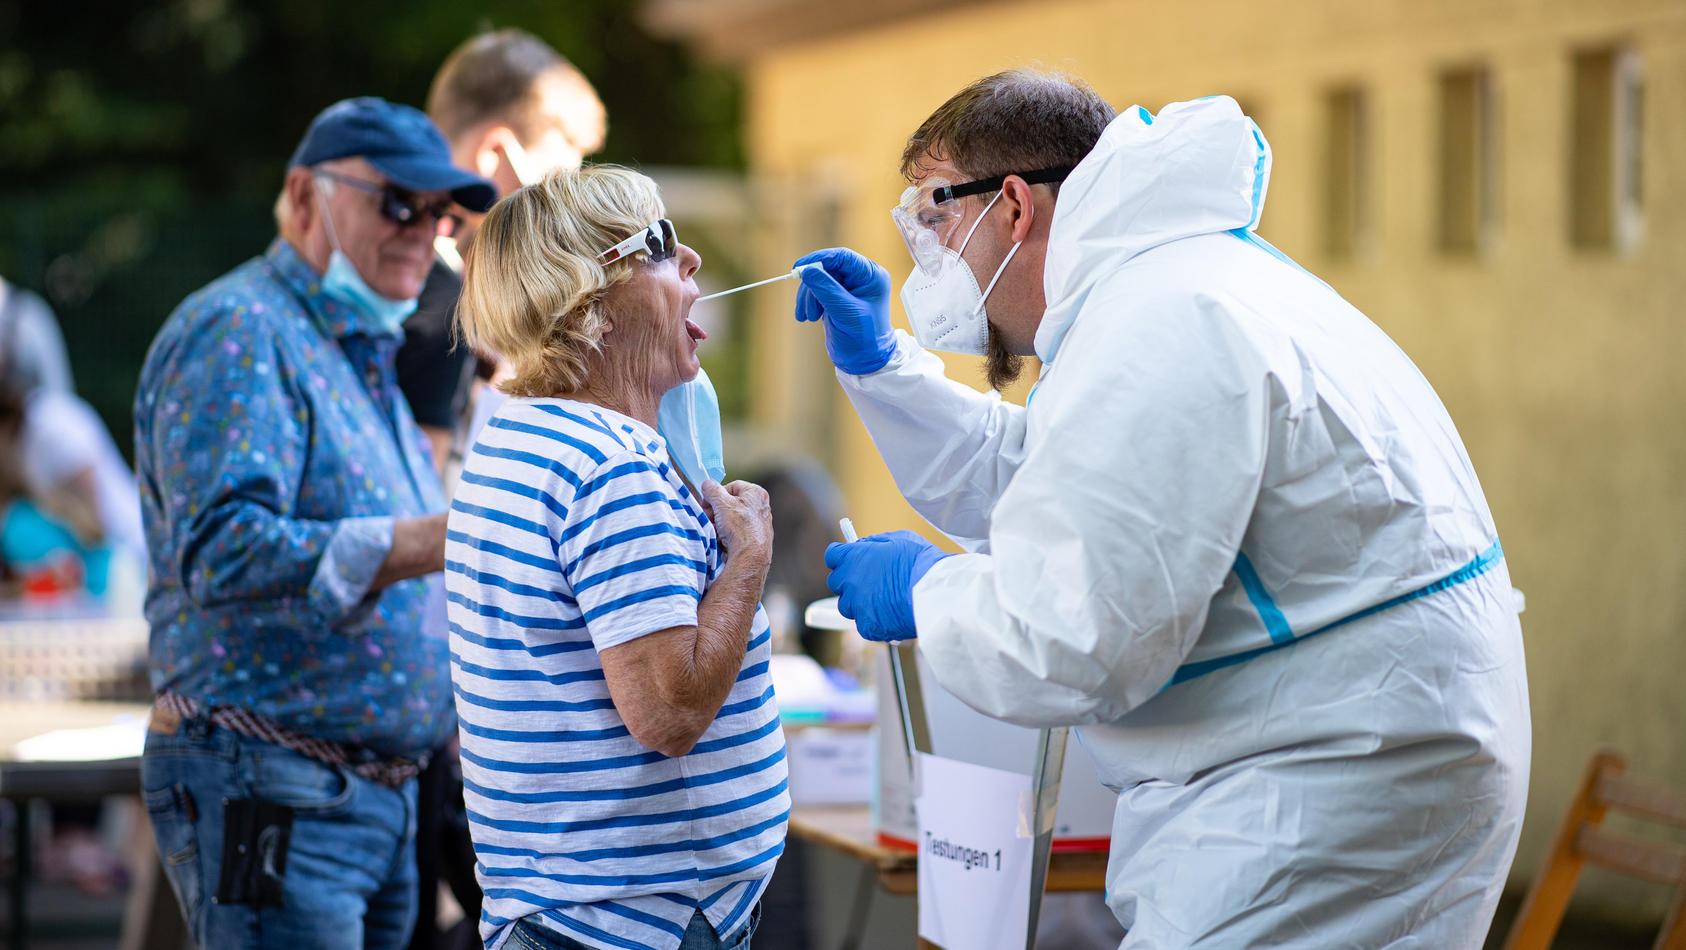 Durch Coronavirus-Ausbrüche - wie beispielsweise hier bei Tönnies - befürchten viele, dass jetzt eine zweite Welle kommt.